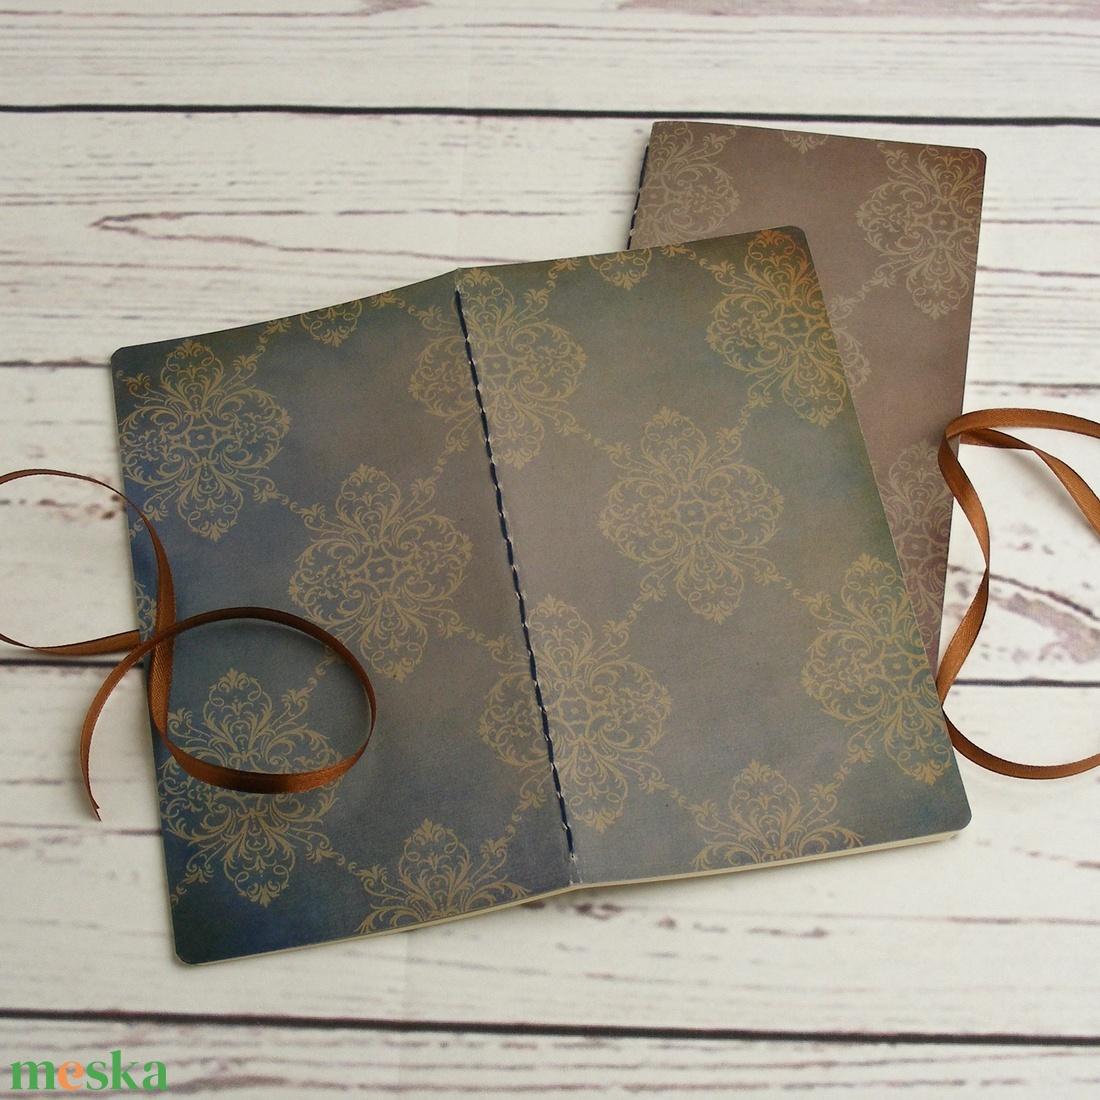 2 db-os füzetcsomag, régimódi, vintage füzetek damasztmintás borítóval, keskeny, hosszúkás forma, szaténszalag átkötő - otthon & lakás - papír írószer - jegyzetfüzet & napló - Meska.hu